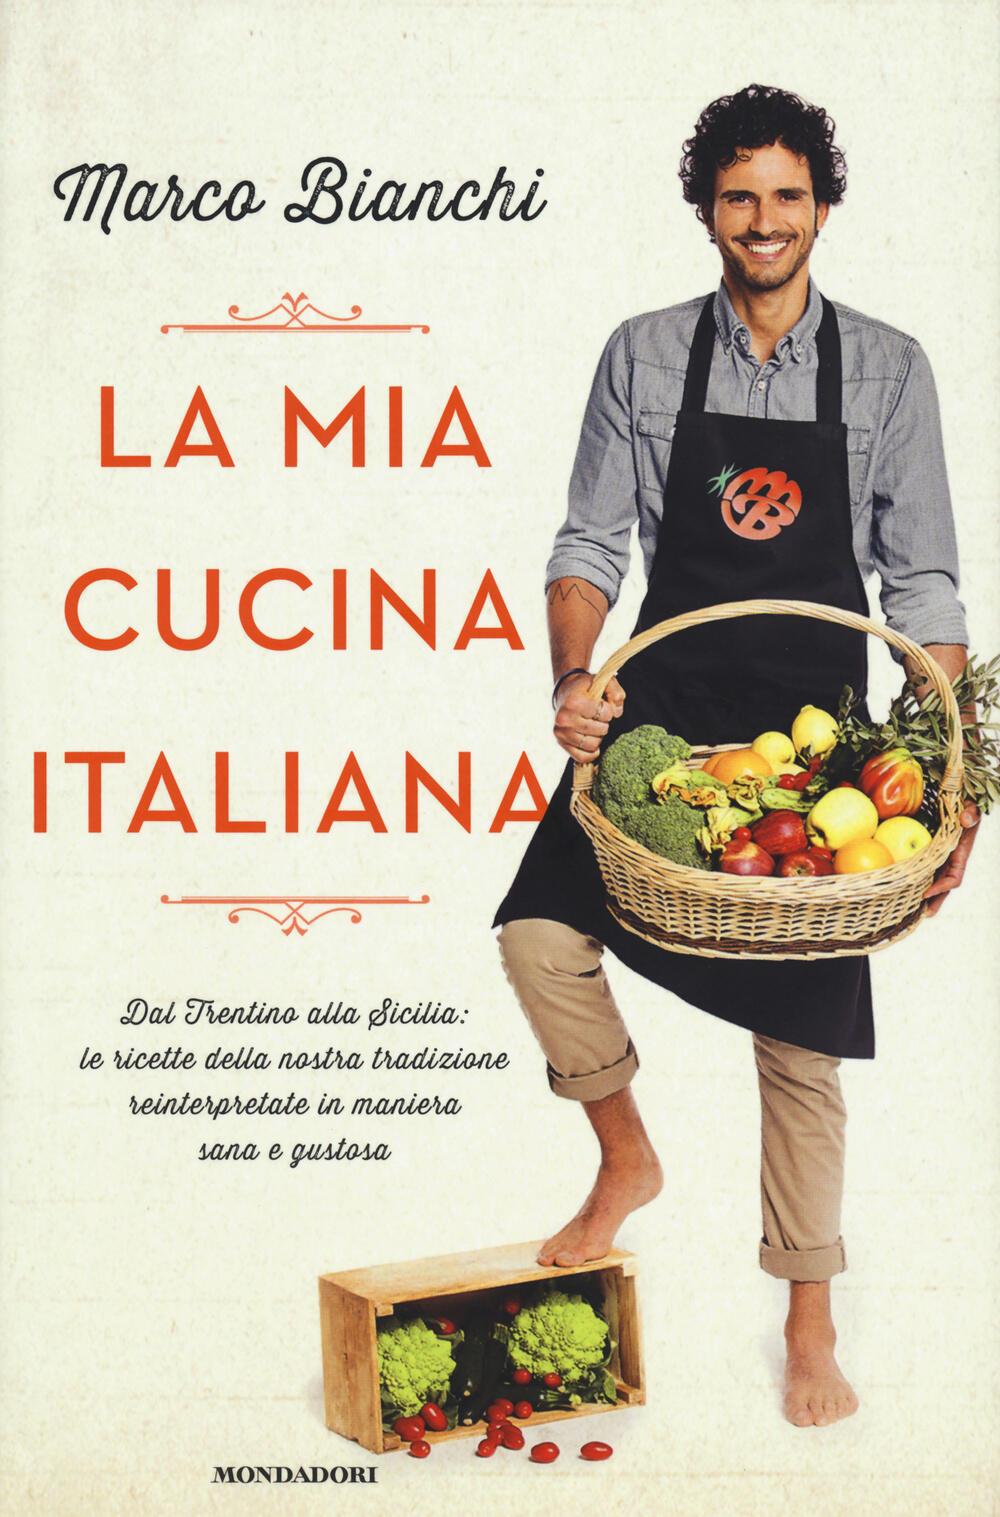 La mia cucina italiana dal trentino alla sicilia le for Cucina trentino